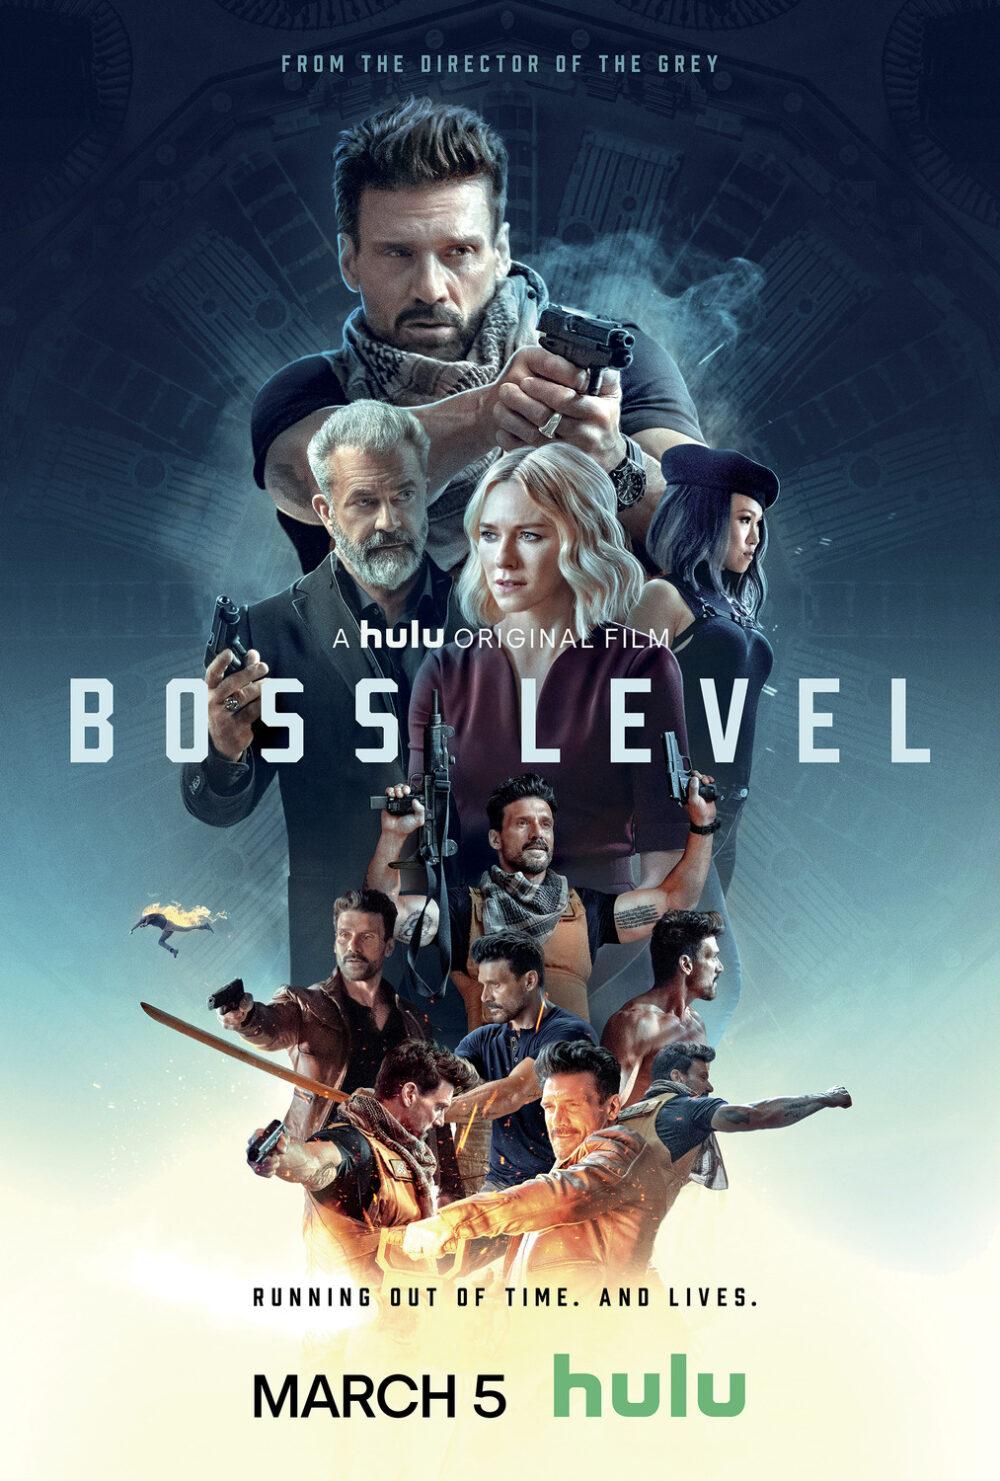 quello-che-non-ti-uccide-nuovo-trailer-del-film-dazione-con-loop-temporale-boss-level-2